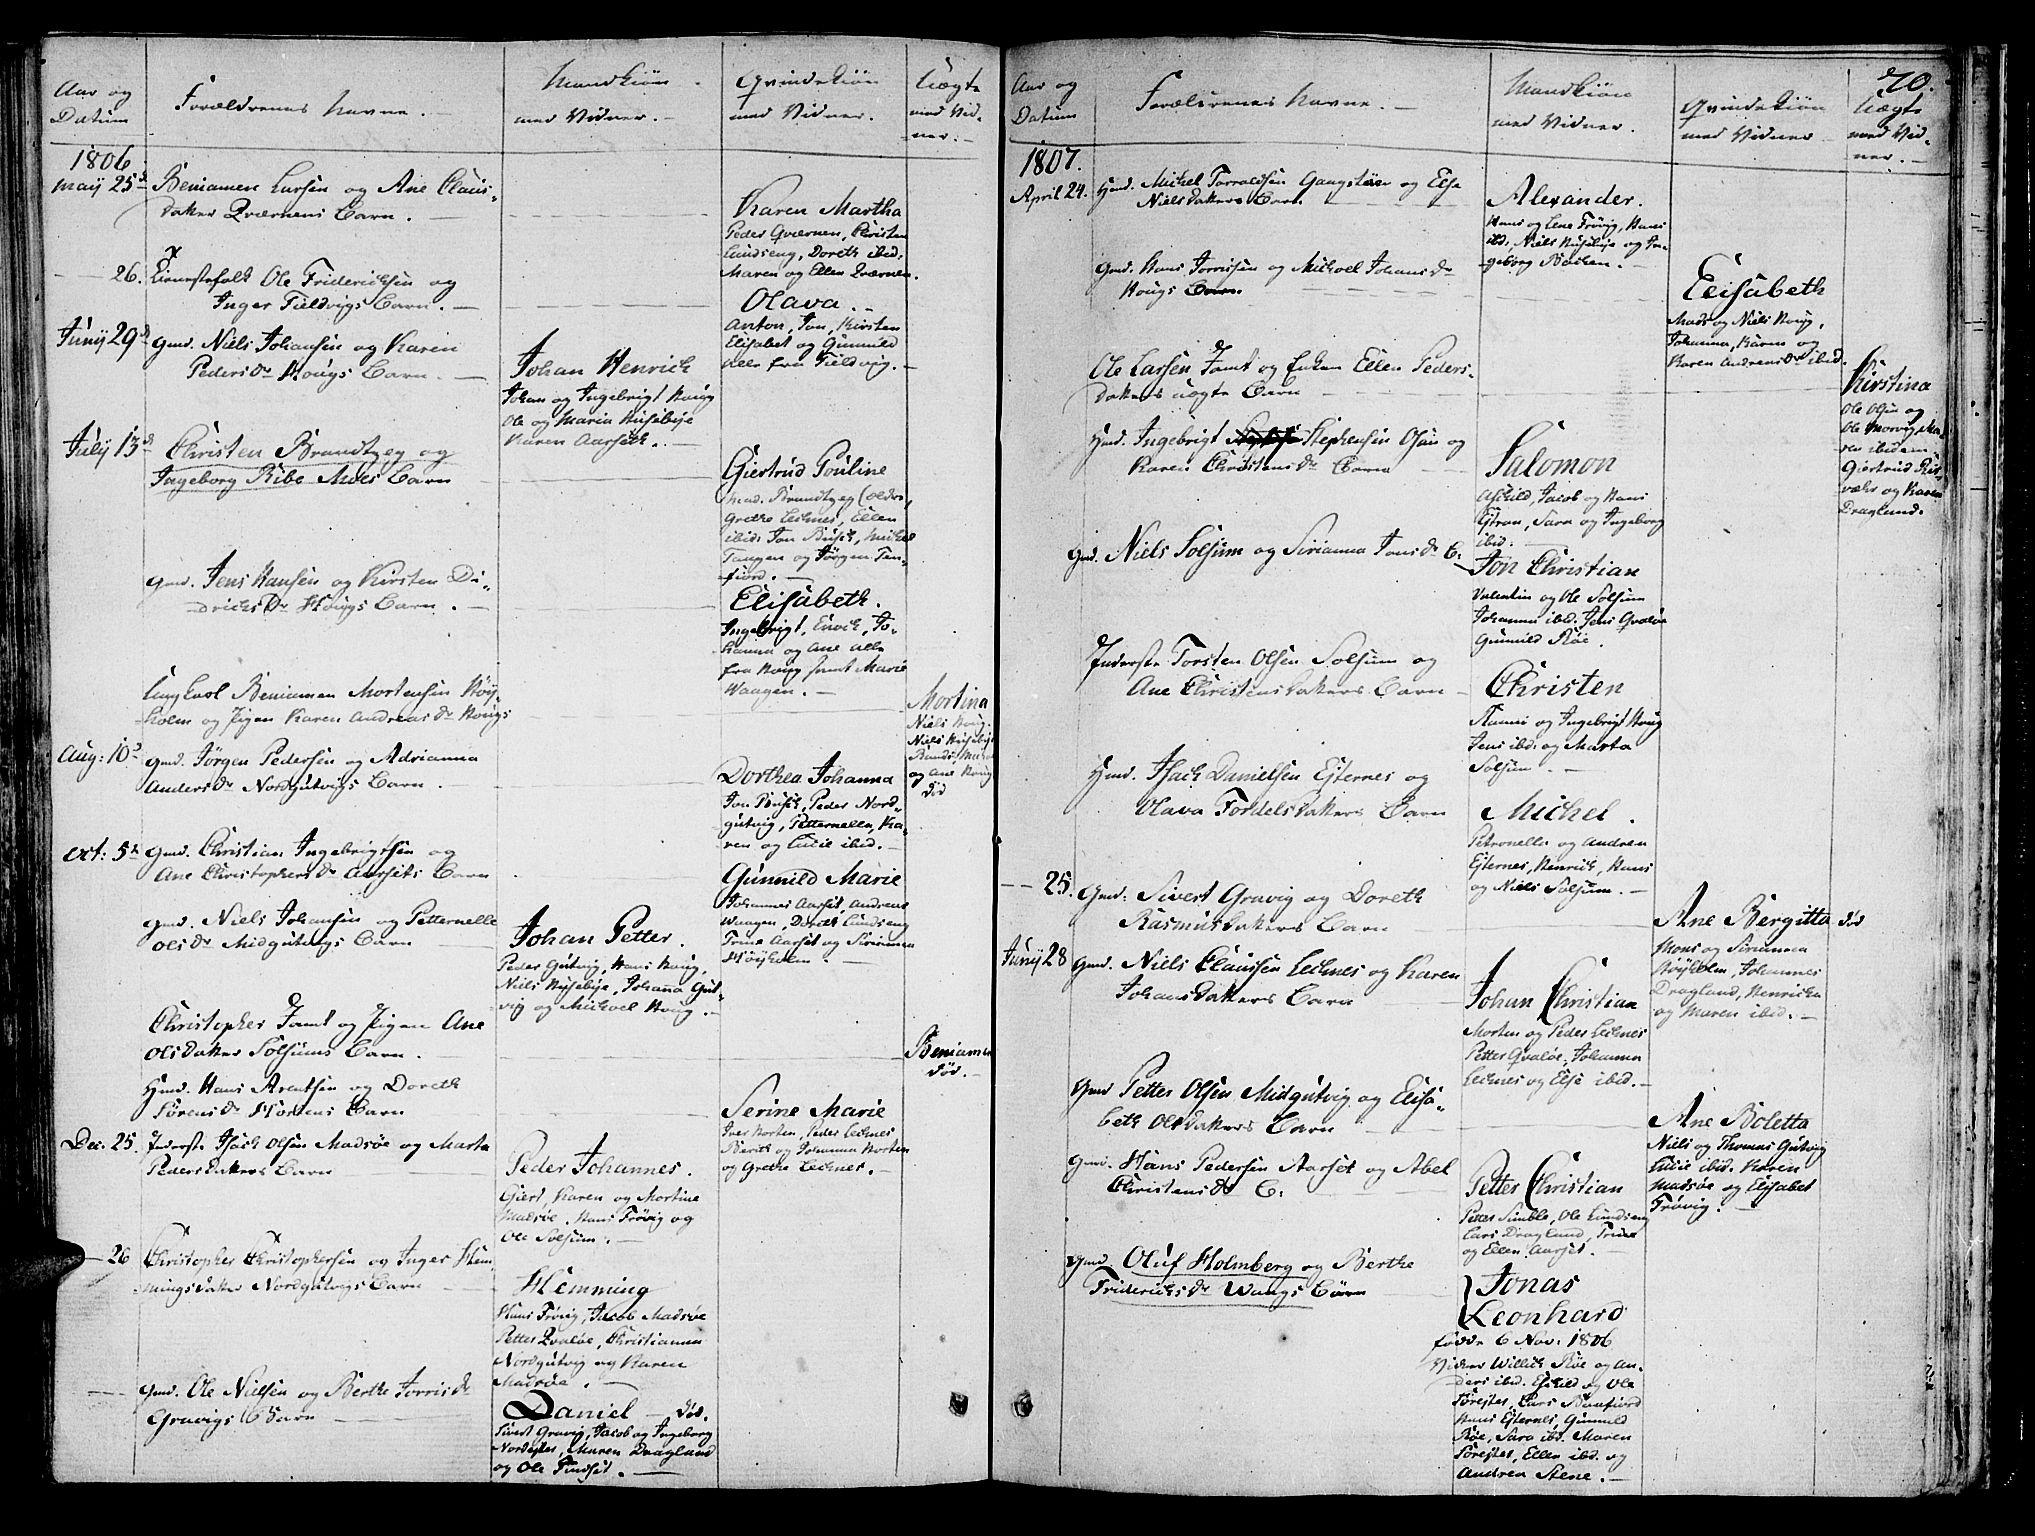 SAT, Ministerialprotokoller, klokkerbøker og fødselsregistre - Nord-Trøndelag, 780/L0633: Ministerialbok nr. 780A02 /2, 1806-1814, s. 70